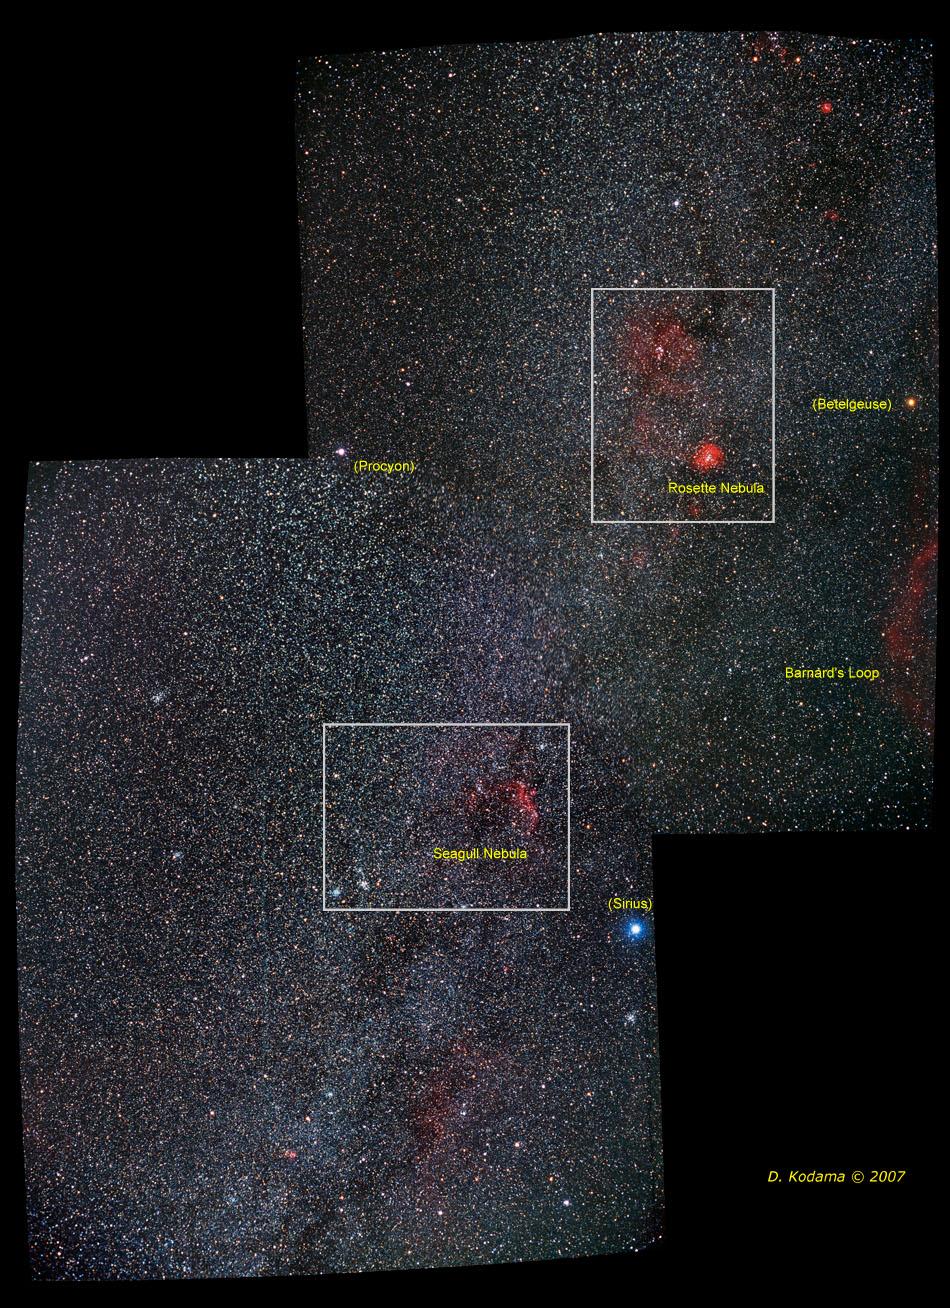 http://www.eanet.com/kodama/astro/2007/0216a/index.htm